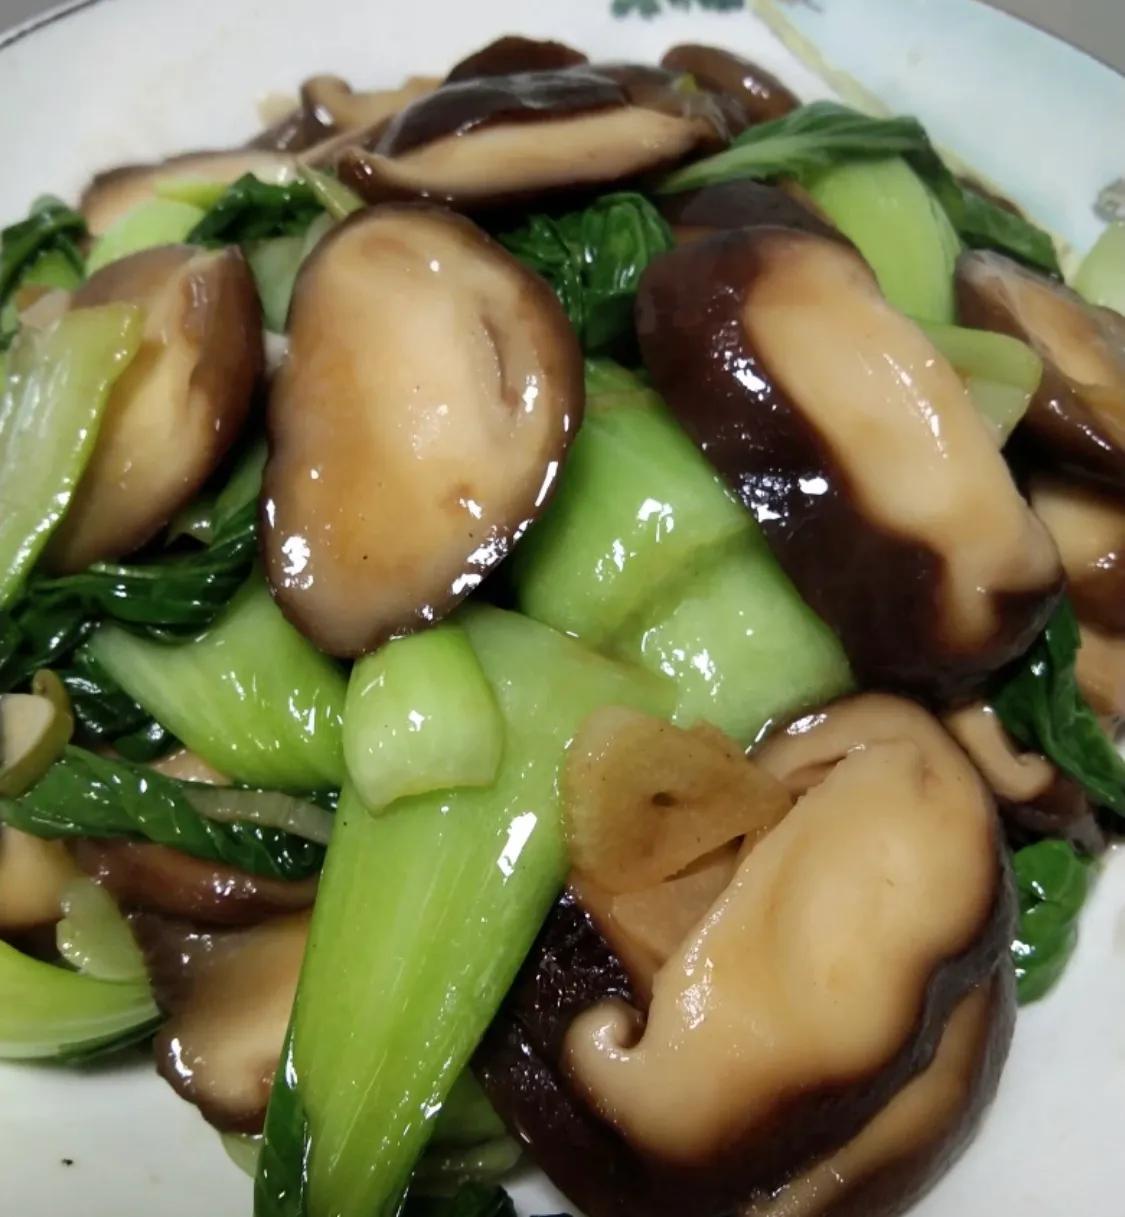 最普通的家常菜:香菇油菜 美食做法 第9张